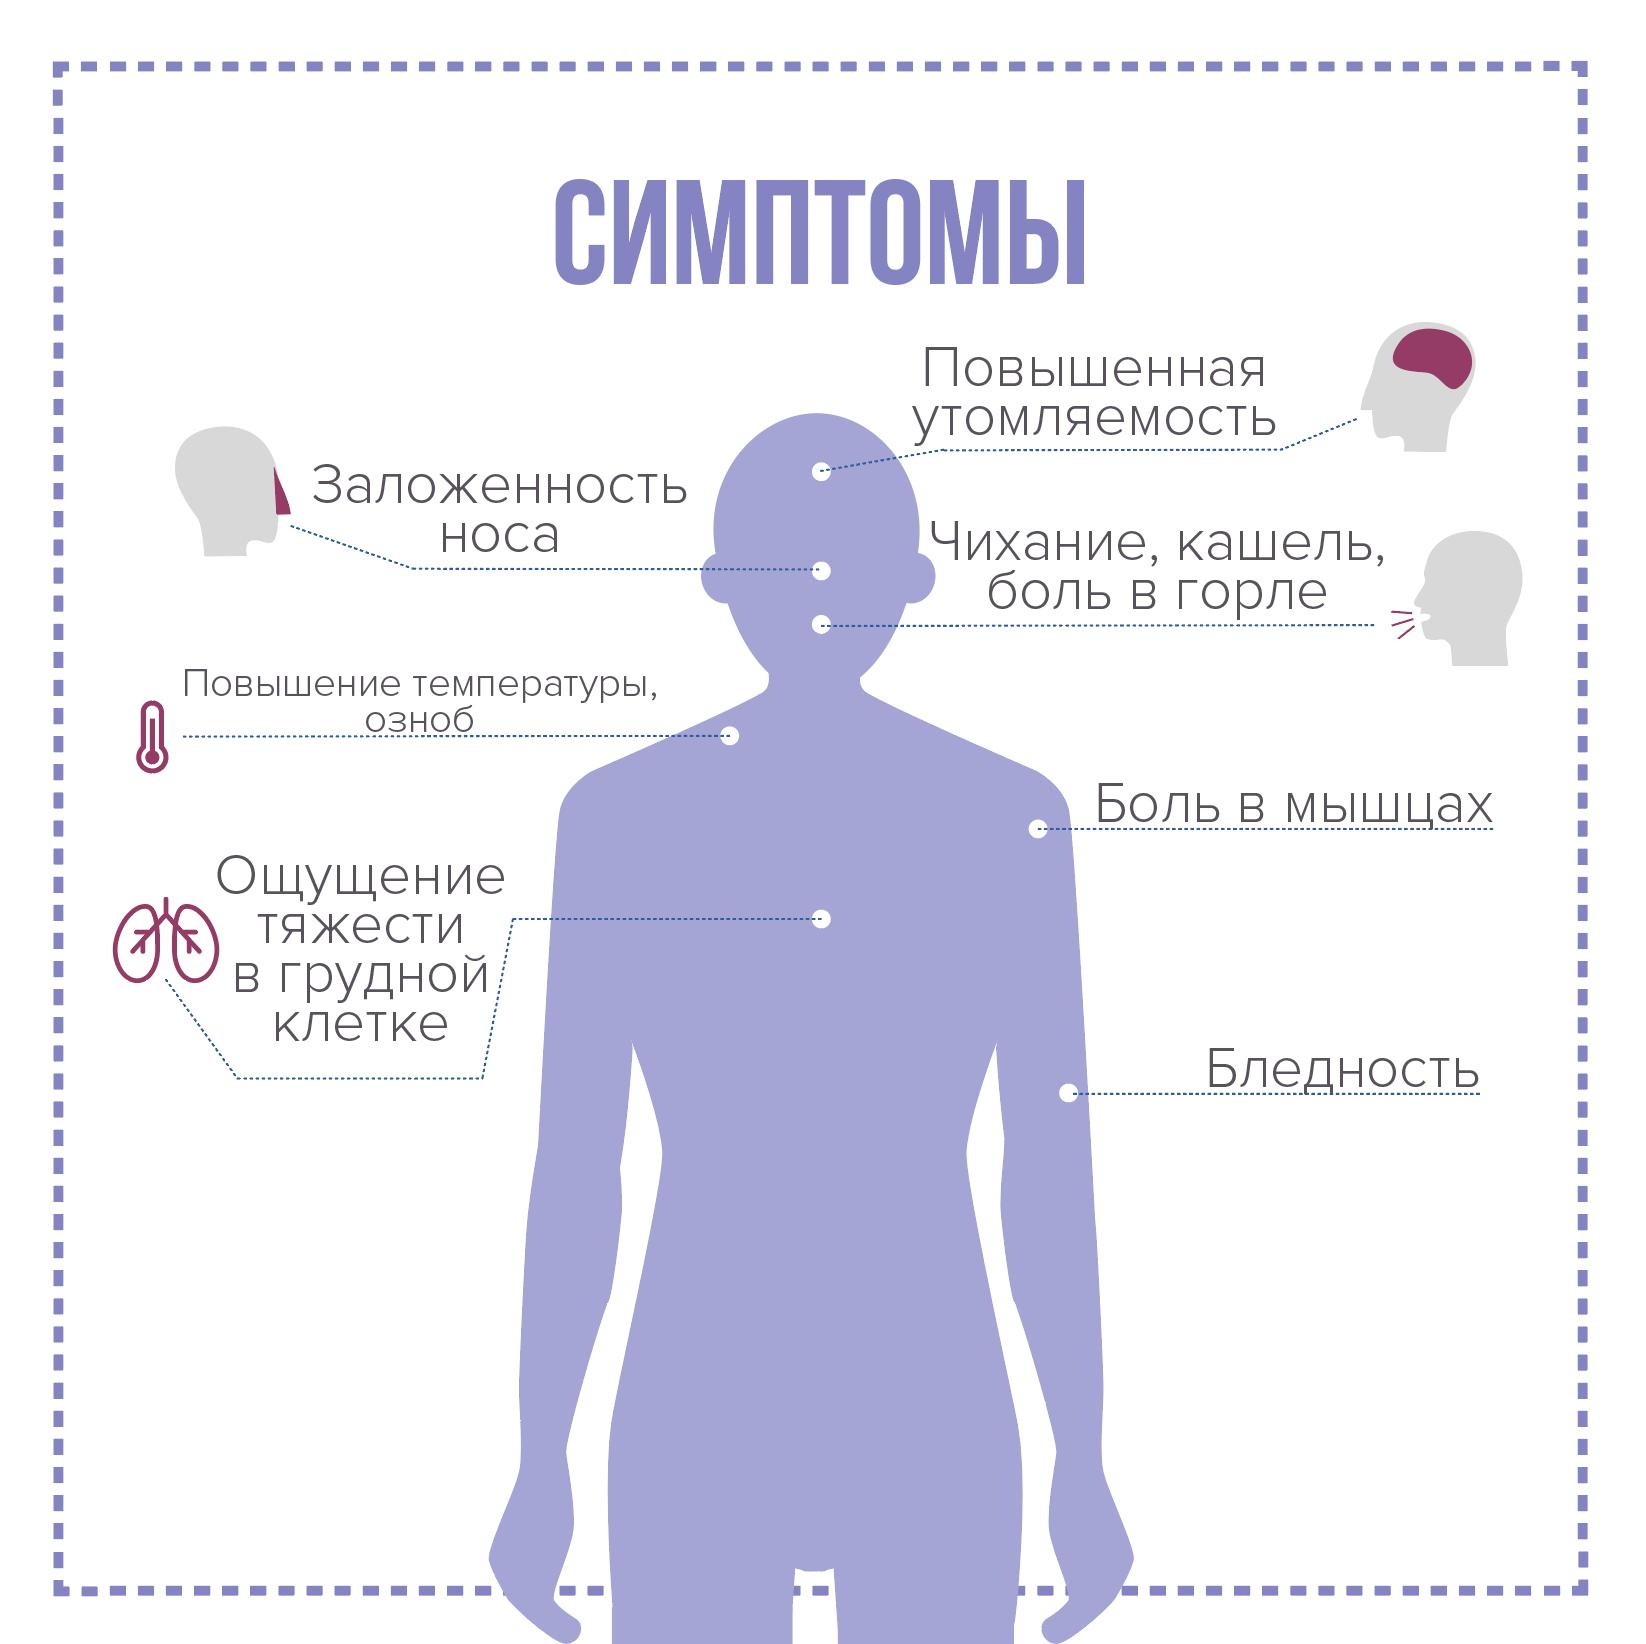 Плоскостопие.виды. степени, симптомы и лечение.